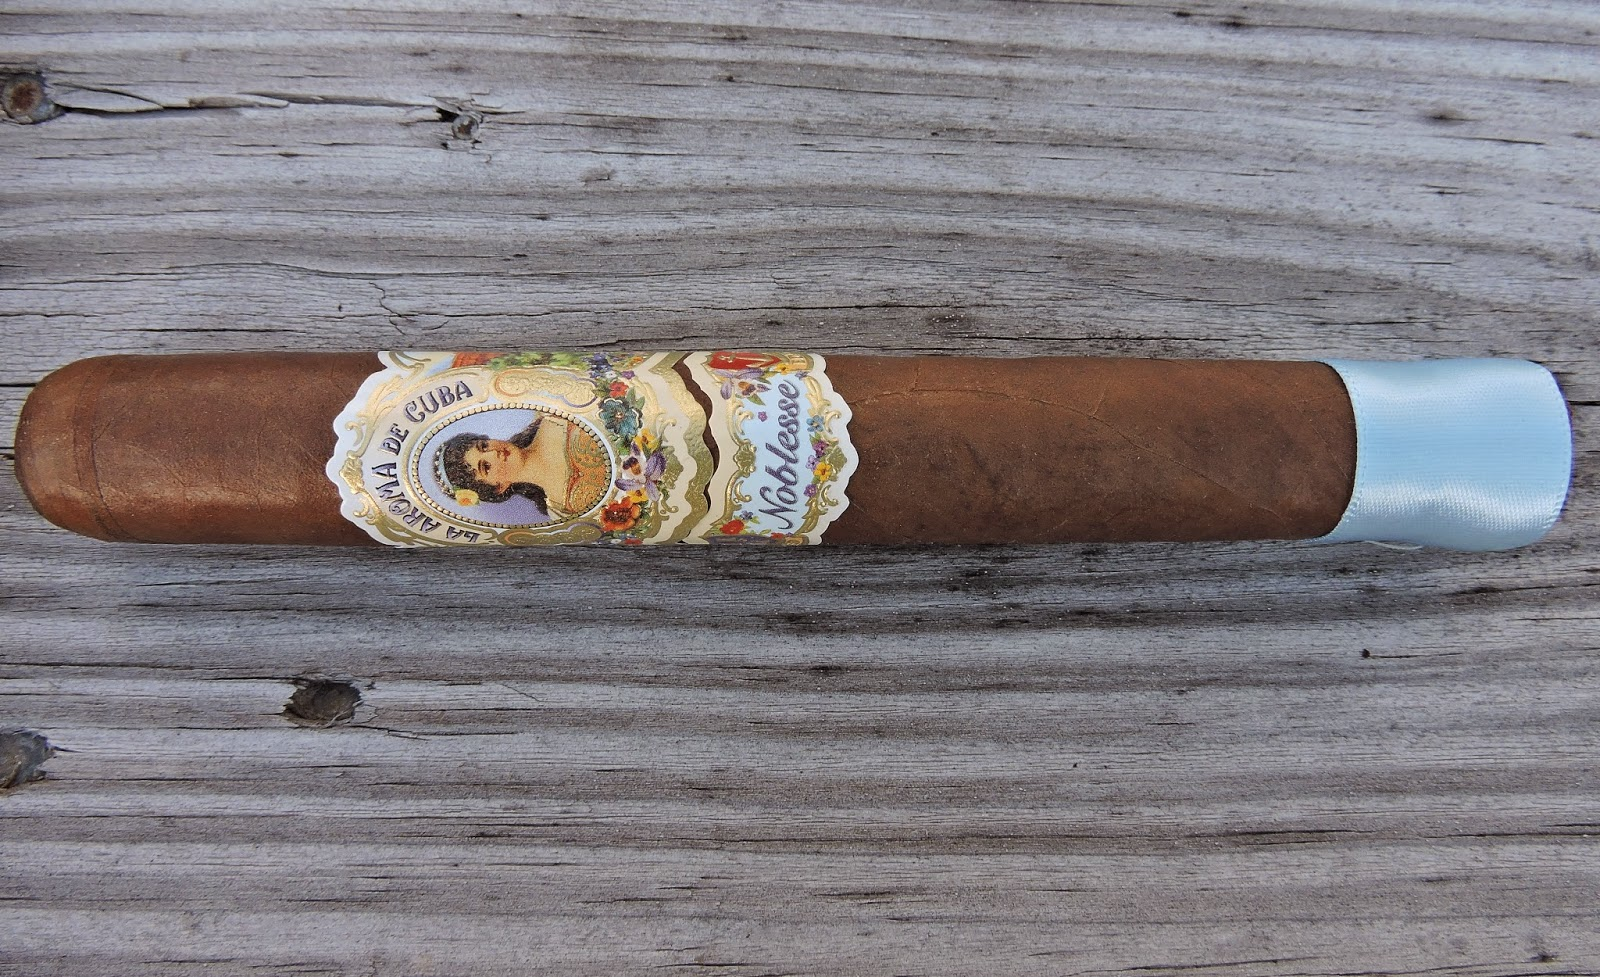 Cigar Review: La Aroma de Cuba Noblesse by Ashton Cigars